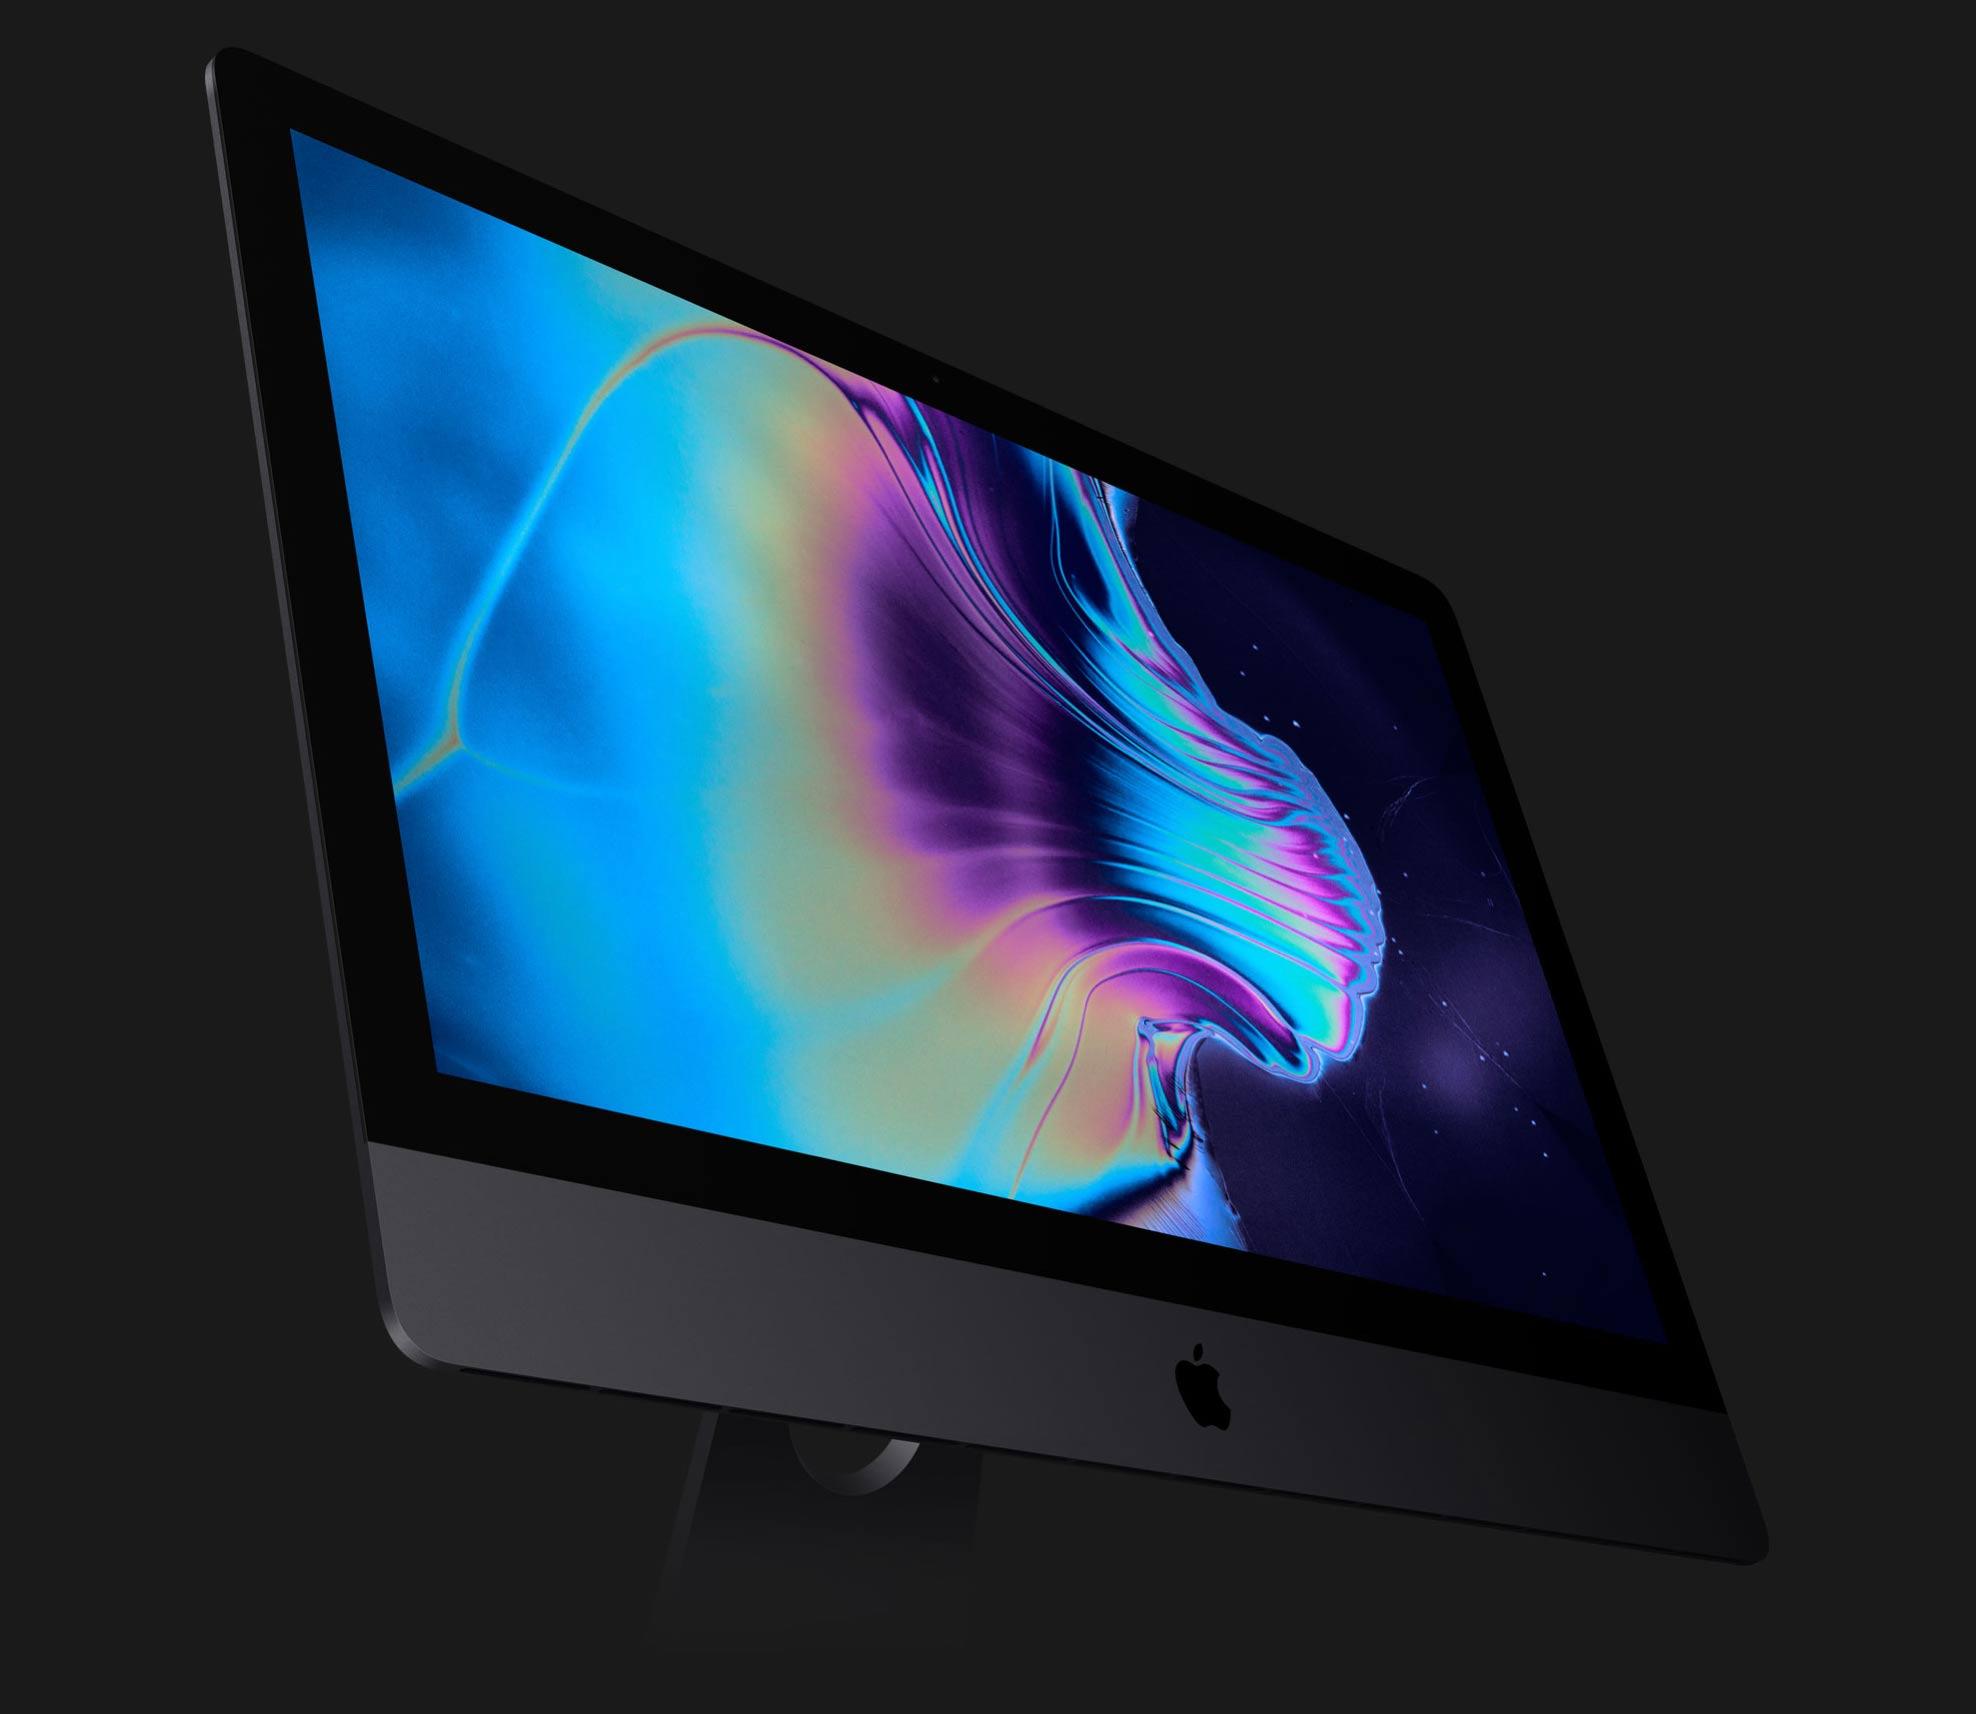 iMac Pro 5Kディスプレイの写真